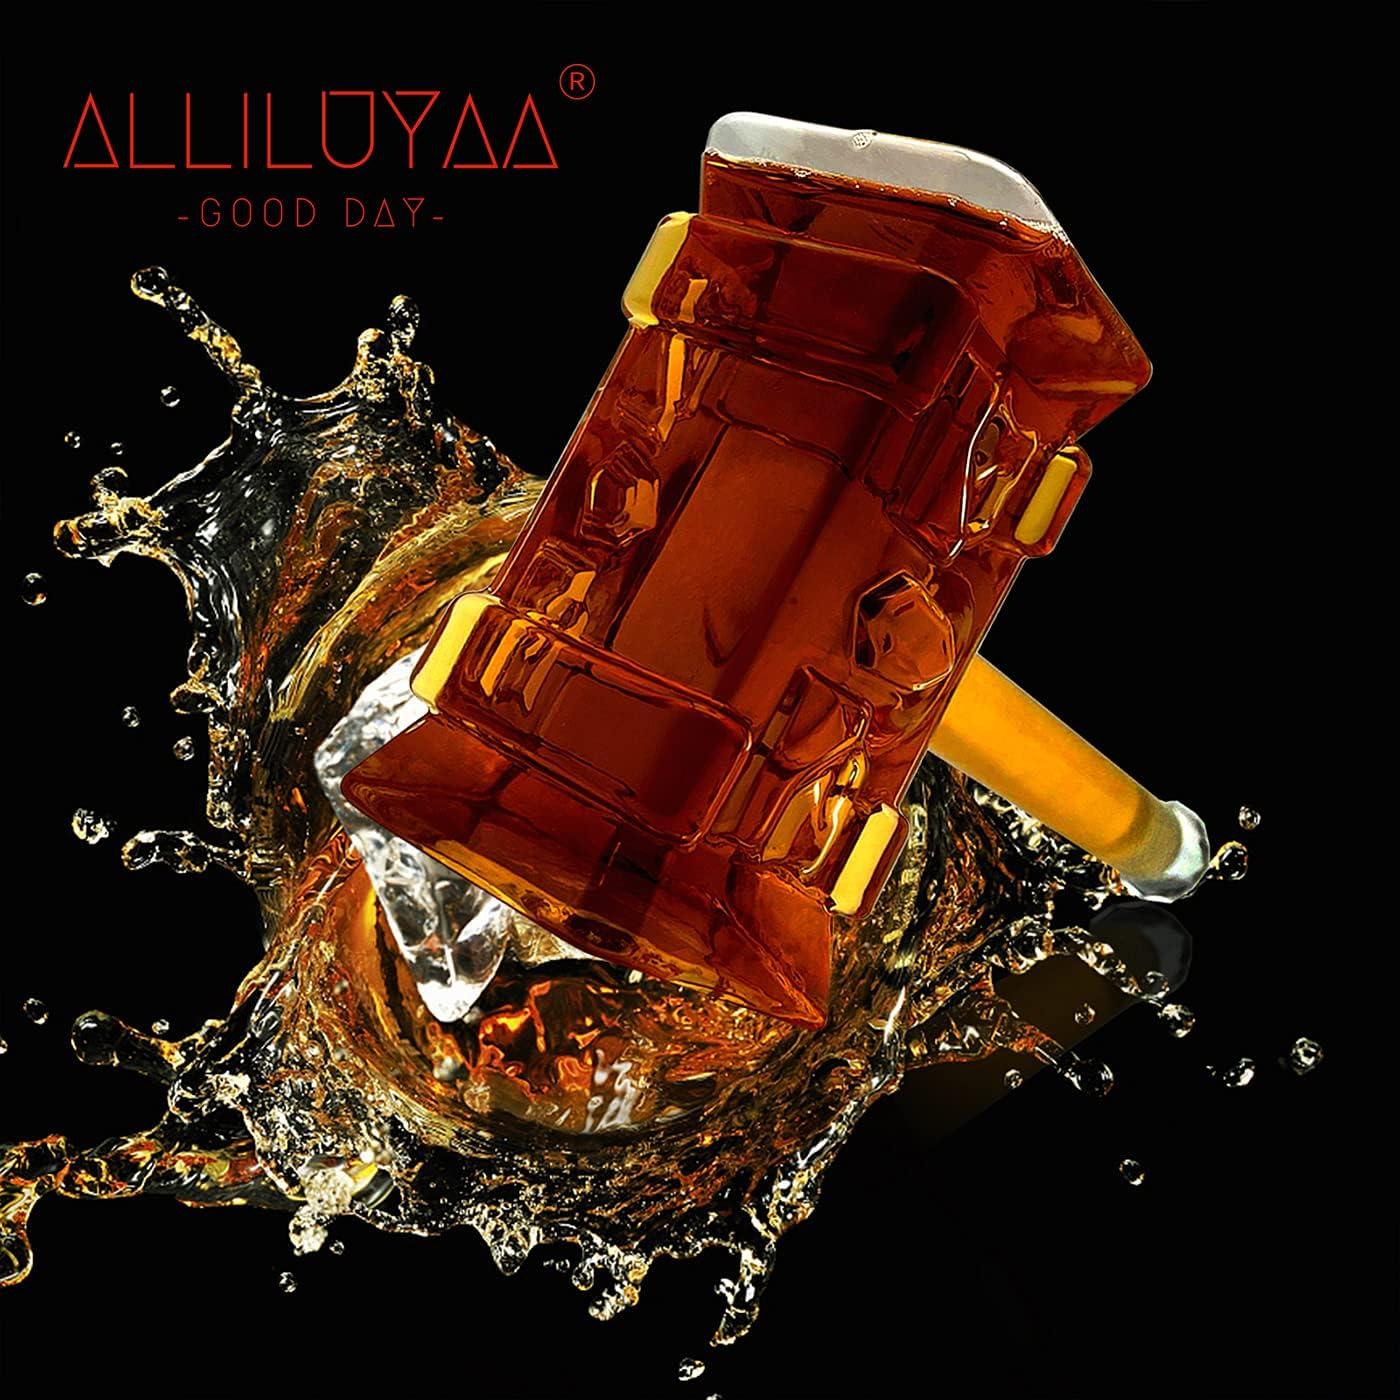 Botella de Whisky,Hammer Formado Decantador de Whisky,Vidrio de Borosilicato Decantador de Vino Tinto,Accesorios para Bar,Brandy, Vodka,Botella decantadora para Pub Family(400 ml)